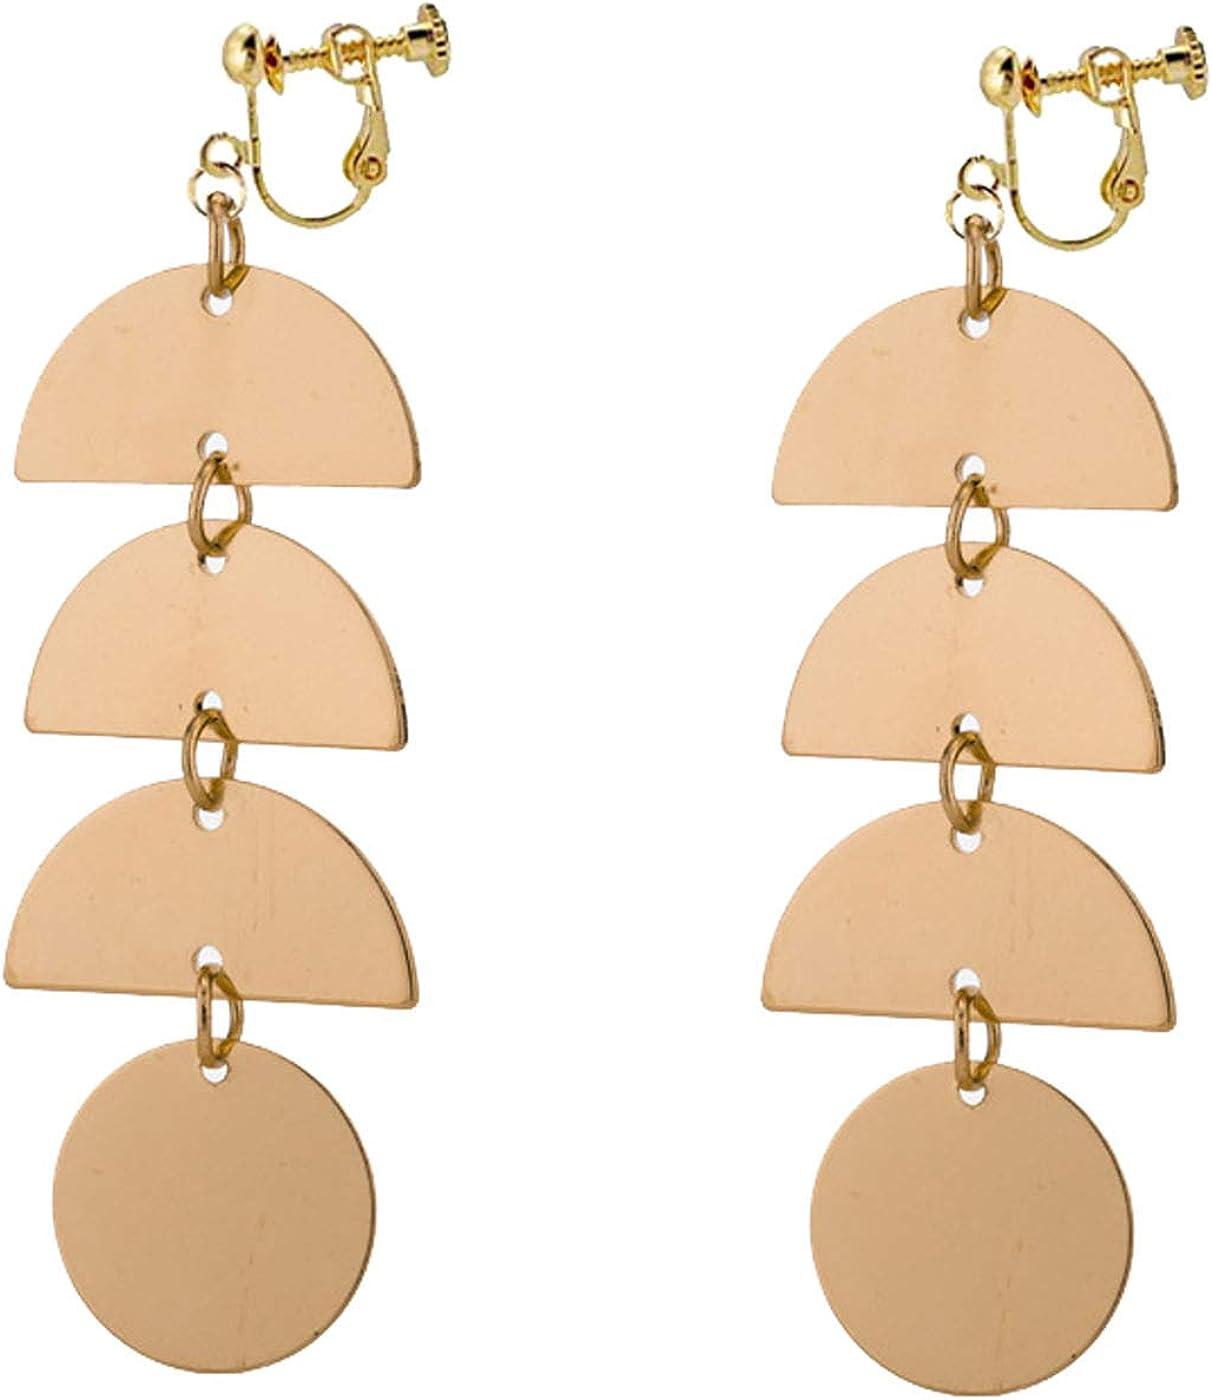 Vintage Statement Clip on Earrings for Women Girls Gold Tone Geometric Gypsy Disc Dangle Drop Long Tassel